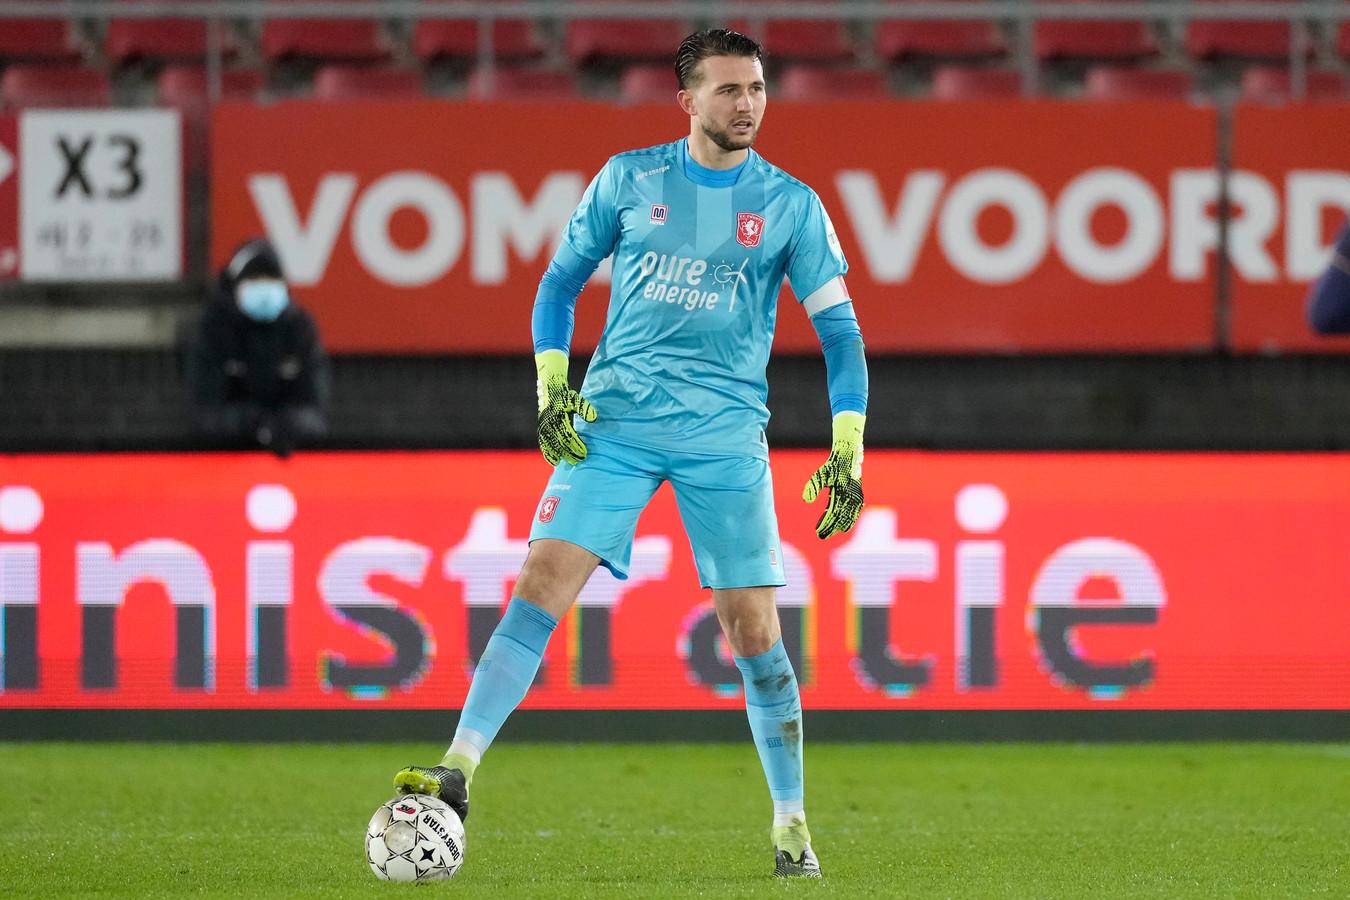 Joël Drommel is er wel uit: hij wil naar PSV. Maar voordat het zover is, moet zijn huidige club FC Twente nog wel tot een akkoord komen met de Eindhovenaren.